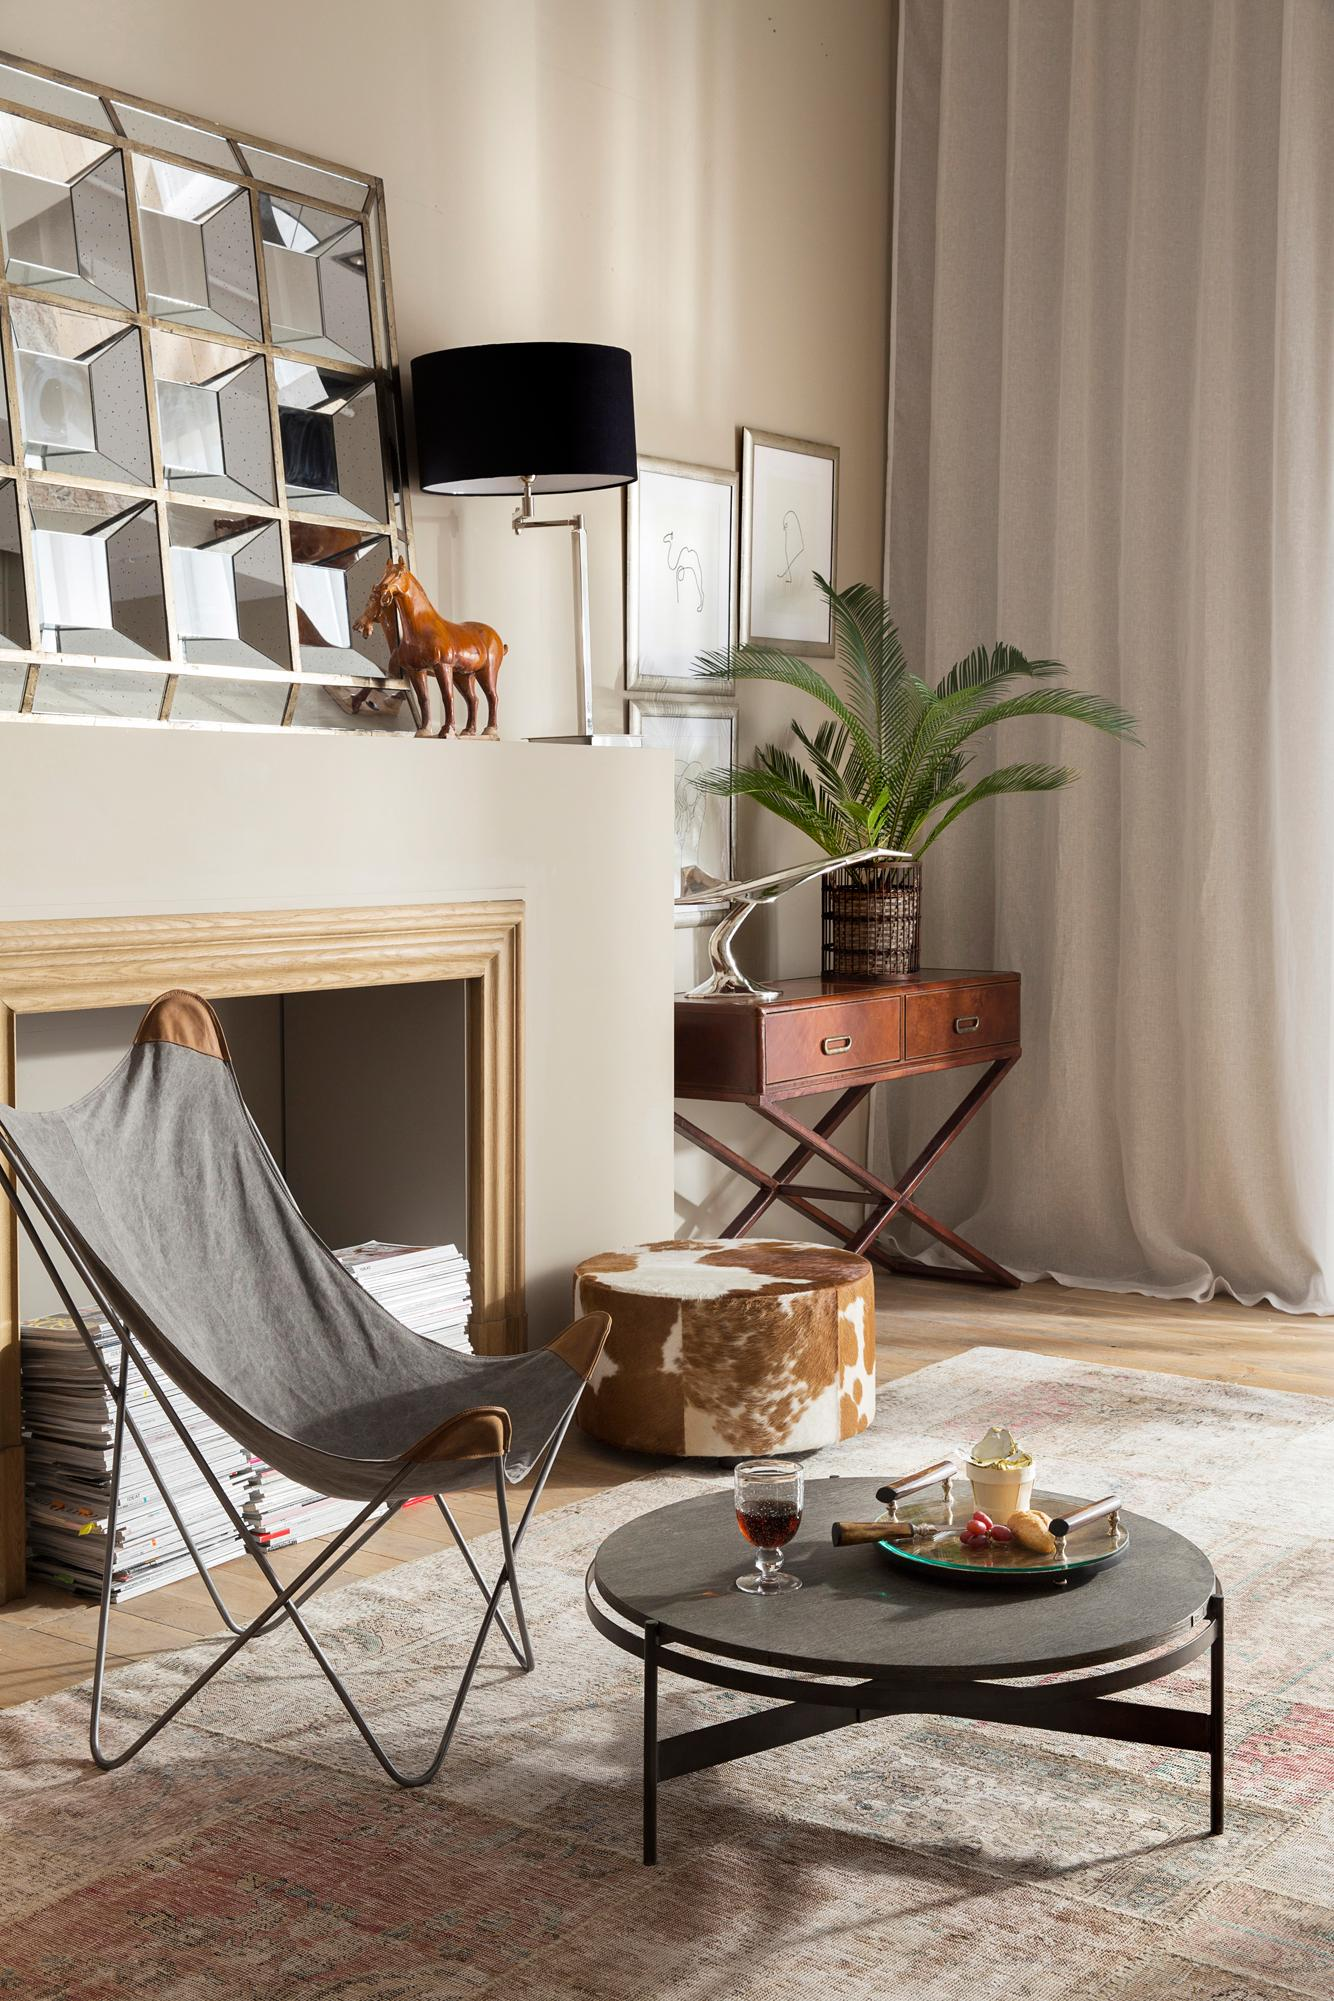 sessel • bilder & ideen • couchstyle, Wohnzimmer